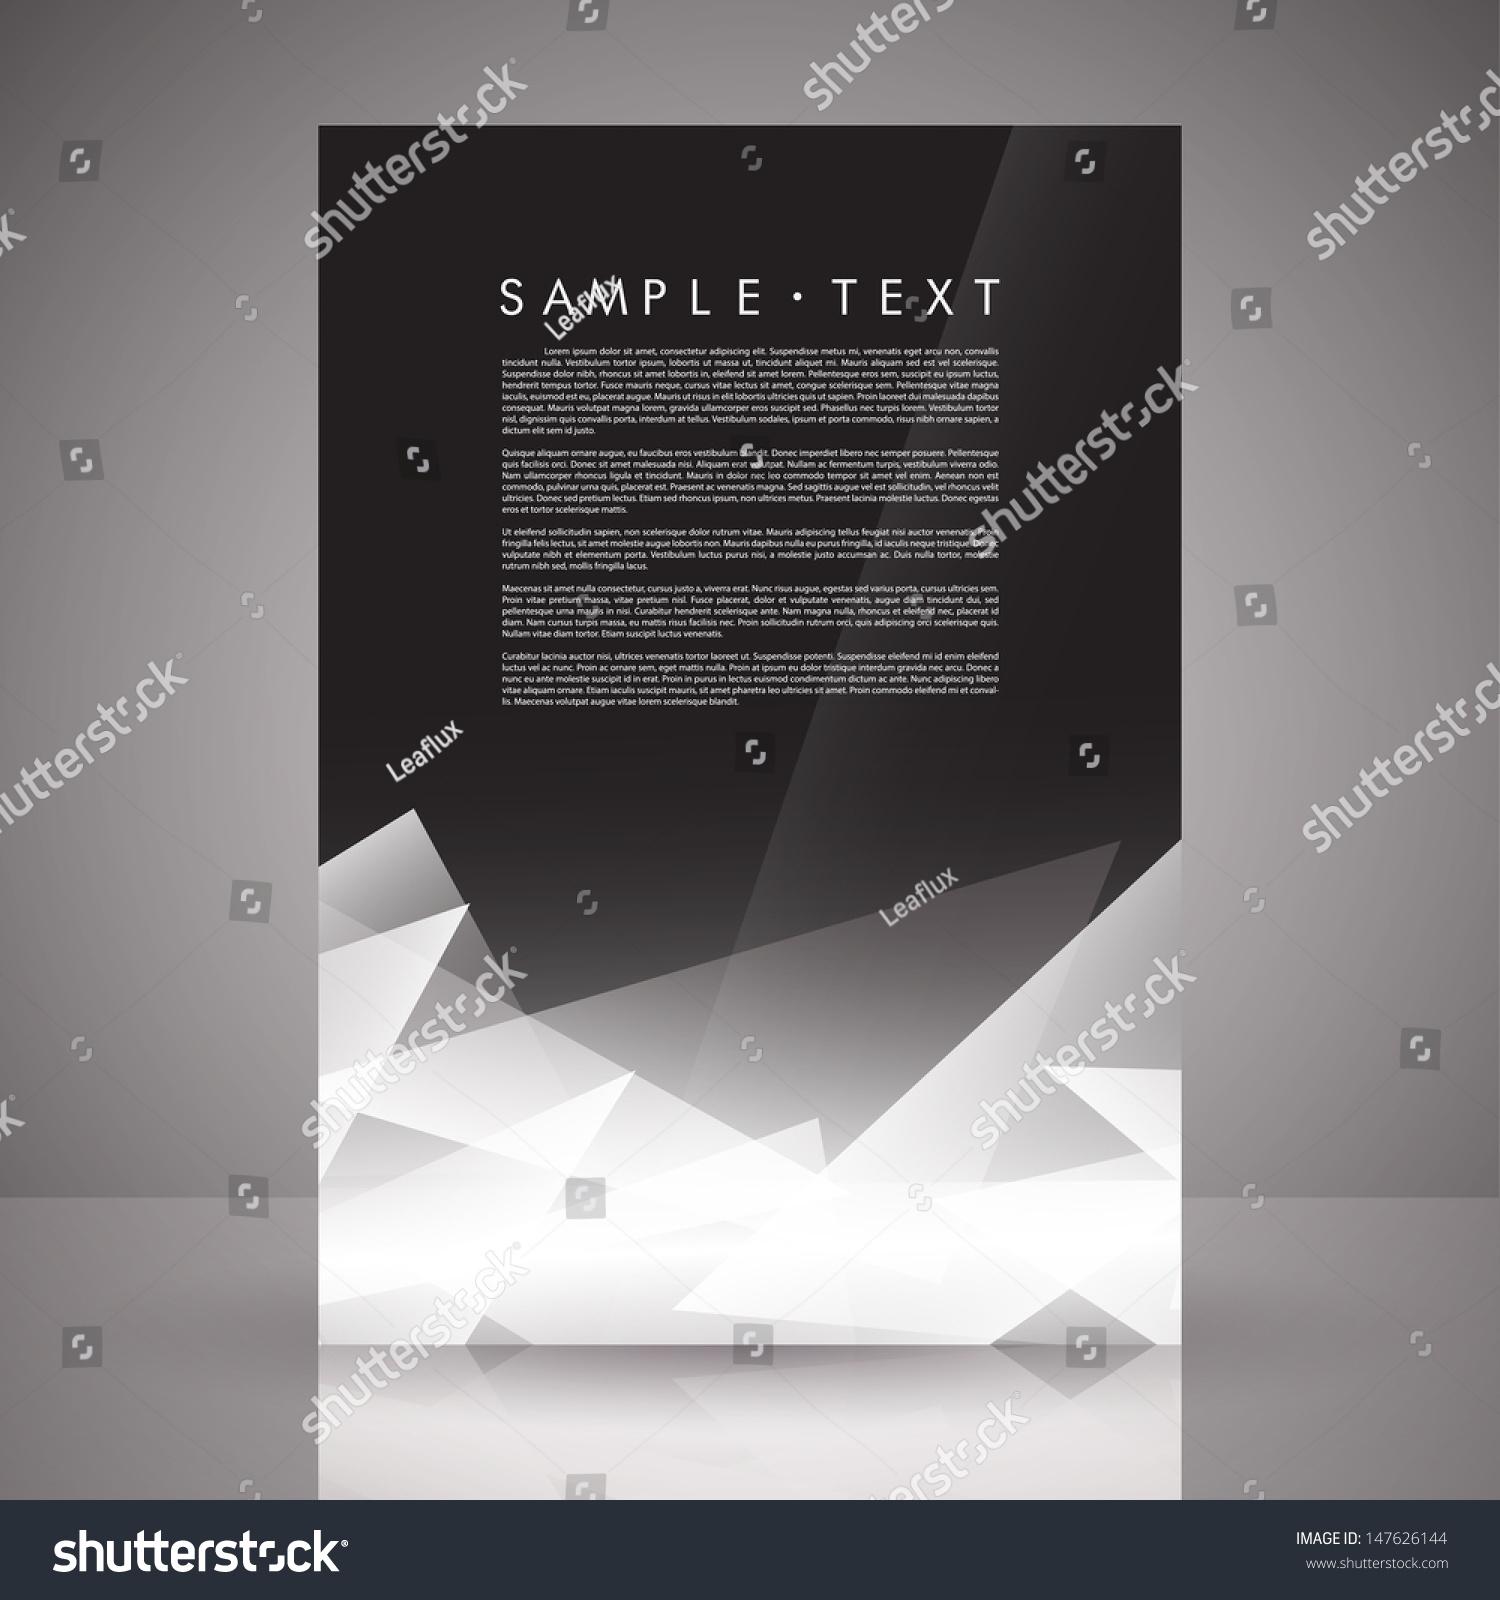 Elegant Black White Flyer Template Eps Stock Vector Royalty Free